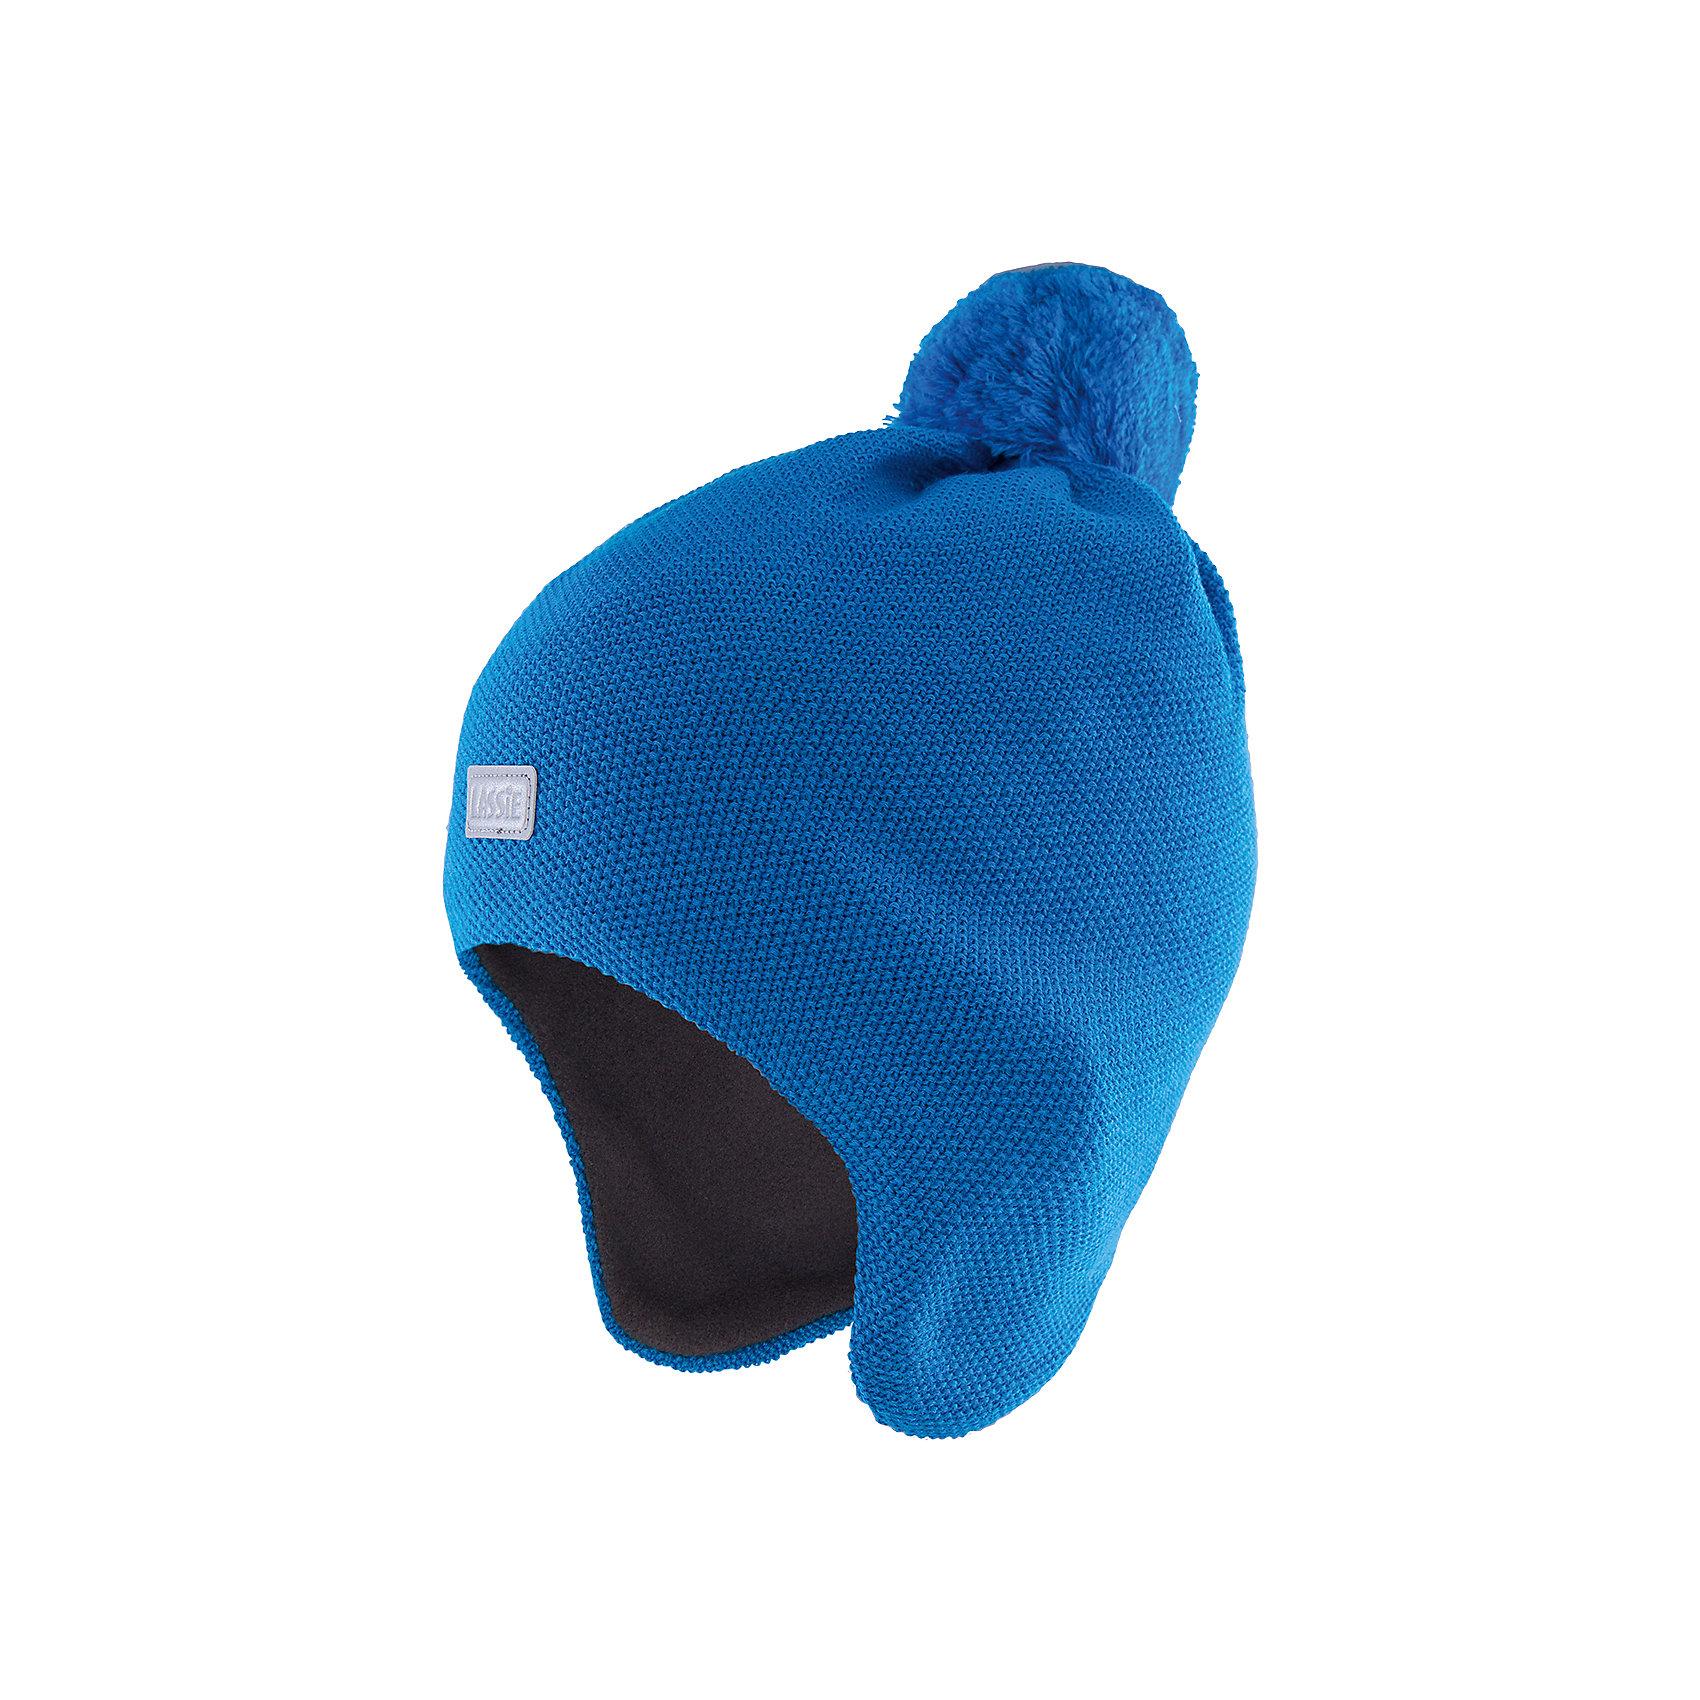 Шапка для мальчика LASSIEШапки и шарфы<br>Шапка «Бини» для детей известной финской марки.<br><br>- Мягкая и теплая ткань из смеси шерсти.<br><br>- Ветронепроницаемые вставки в области ушей.<br>- Мягкая теплая подкладка из флиса. <br>- Помпон сверху. <br>- Декоративная структура поверхности. <br>- Светоотражающая эмблема Lassie® спереди.  <br><br>Рекомендации по уходу: Придать первоначальную форму вo влажном виде. <br><br>Возможна усадка 5 %.Состав: 50% Шерсть, 50% полиакрил.<br><br>Ширина мм: 89<br>Глубина мм: 117<br>Высота мм: 44<br>Вес г: 155<br>Цвет: синий<br>Возраст от месяцев: 12<br>Возраст до месяцев: 24<br>Пол: Мужской<br>Возраст: Детский<br>Размер: 46-48,54-56,50-52<br>SKU: 4780729